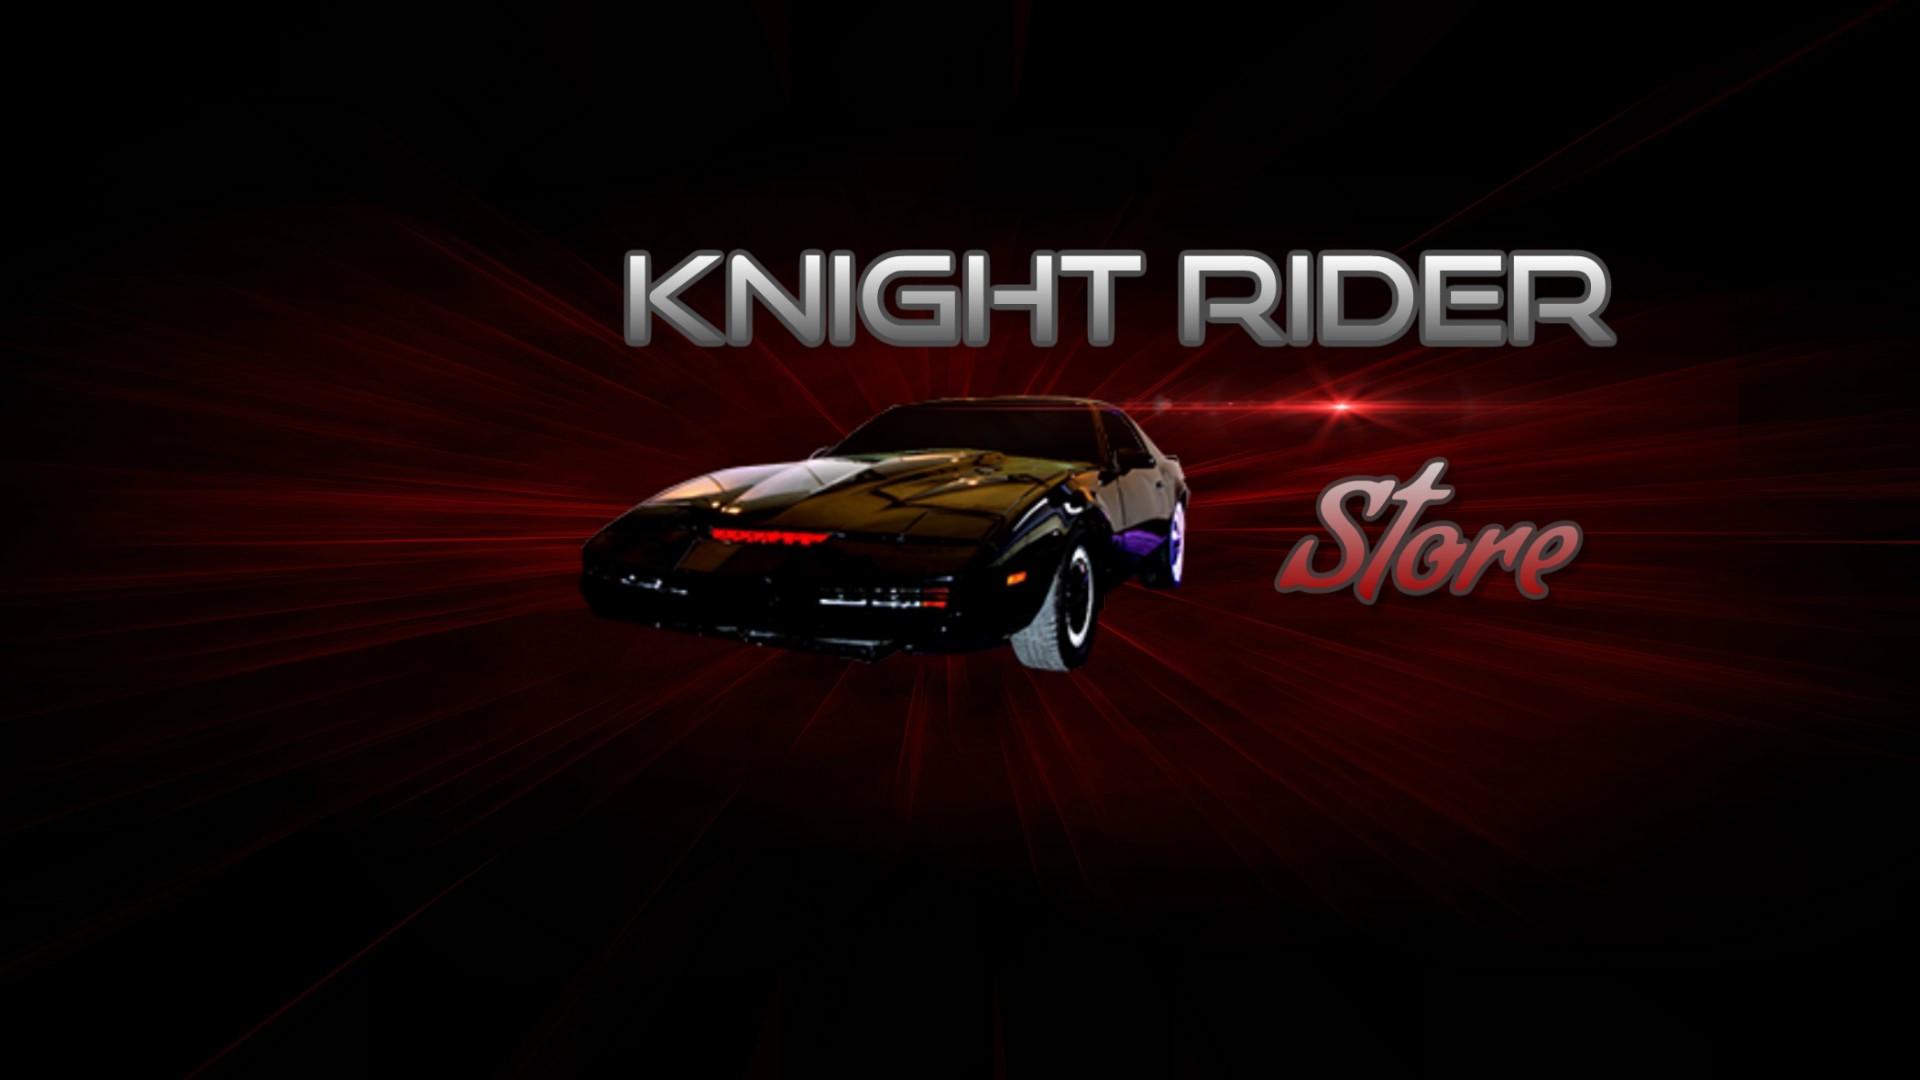 Super Fast Car Wallpaper Knight Rider Kitt Wallpaper 66 Pictures